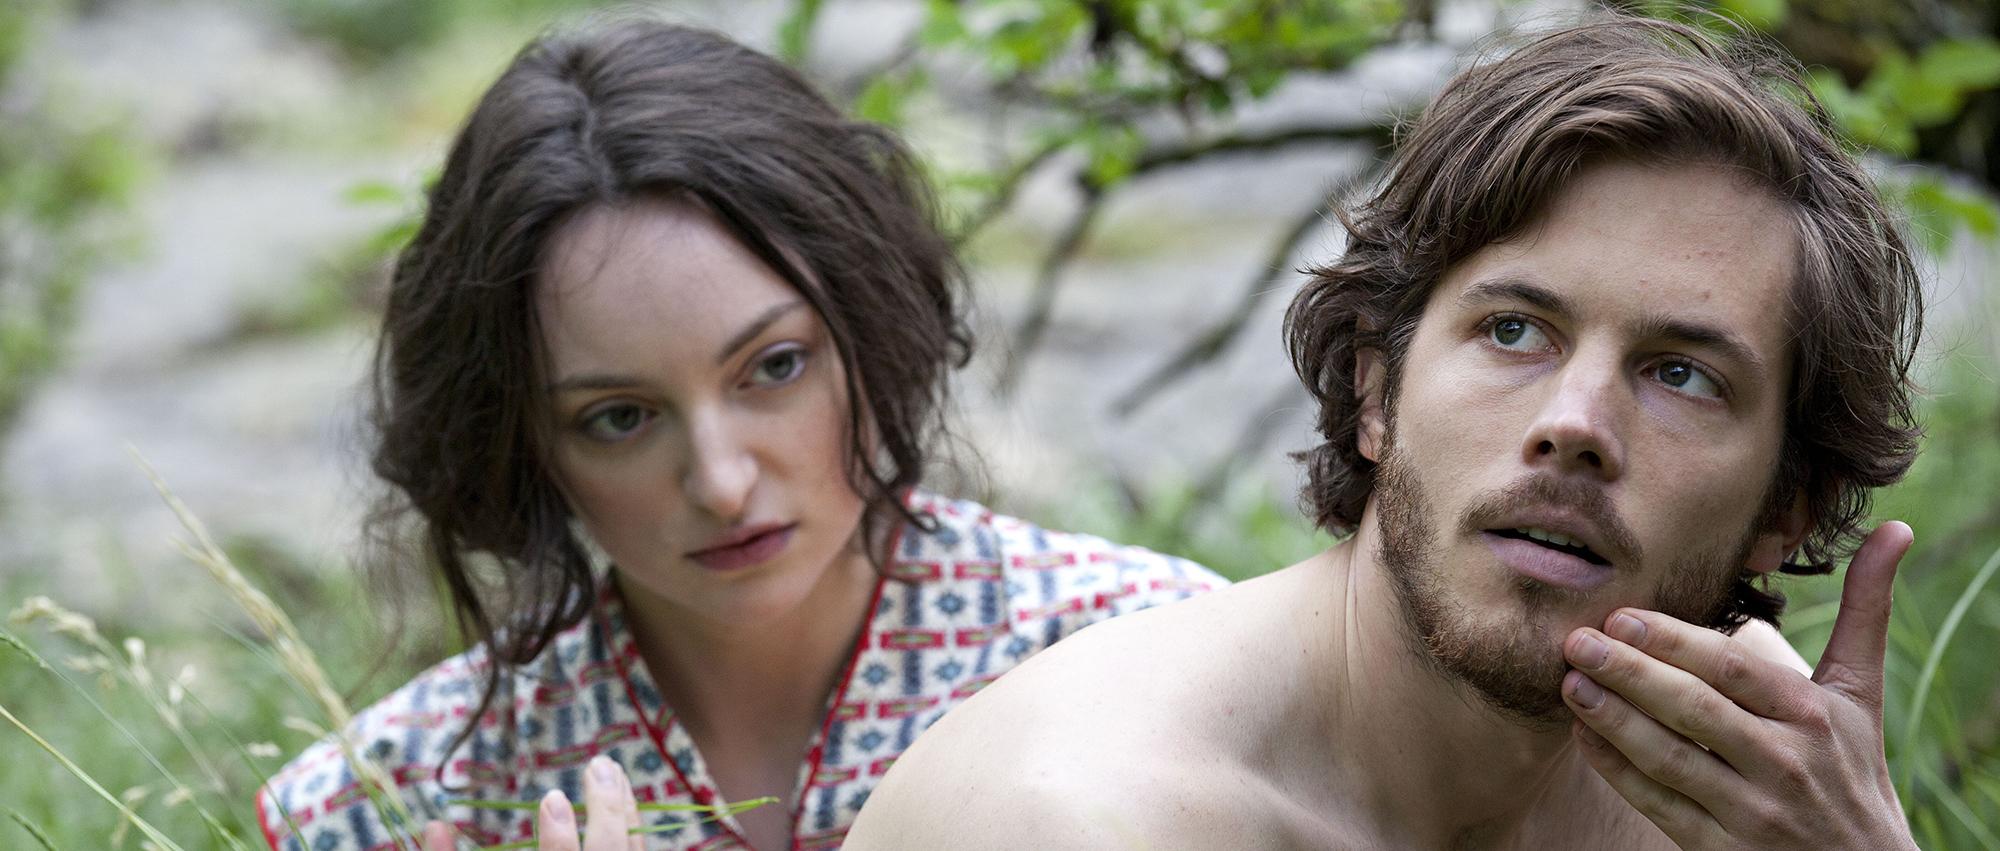 Métamorphoses: Amira Akili e Sébastien Hirel in una scena del film di Christophe Honoré